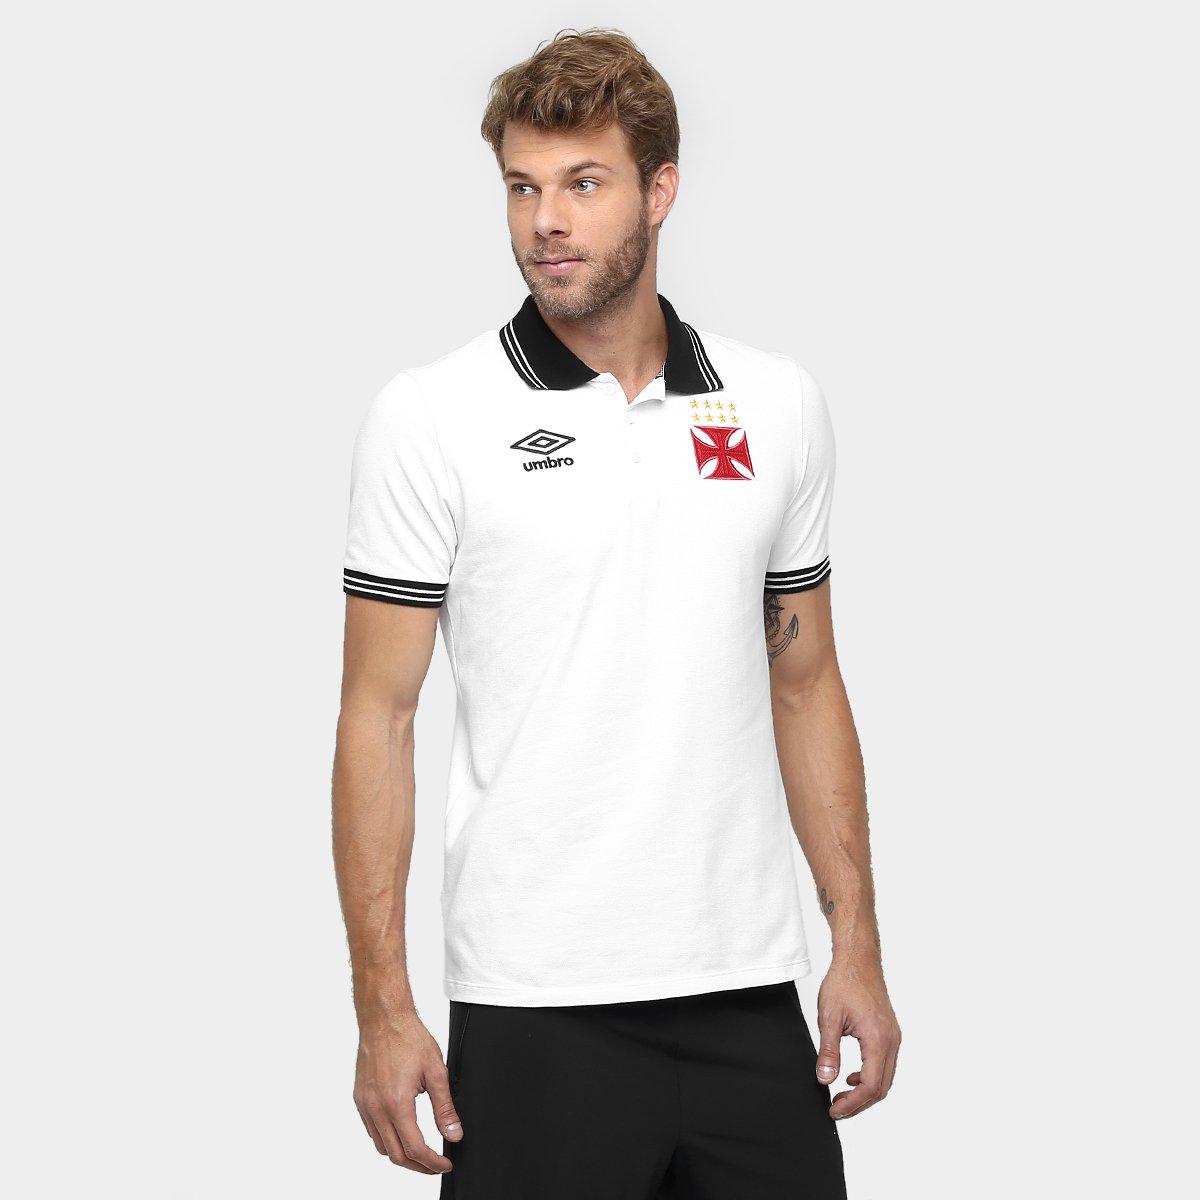 5c88318a23662 Camisa Polo Vasco Umbro Viagem 2016 Masculina - Compre Agora